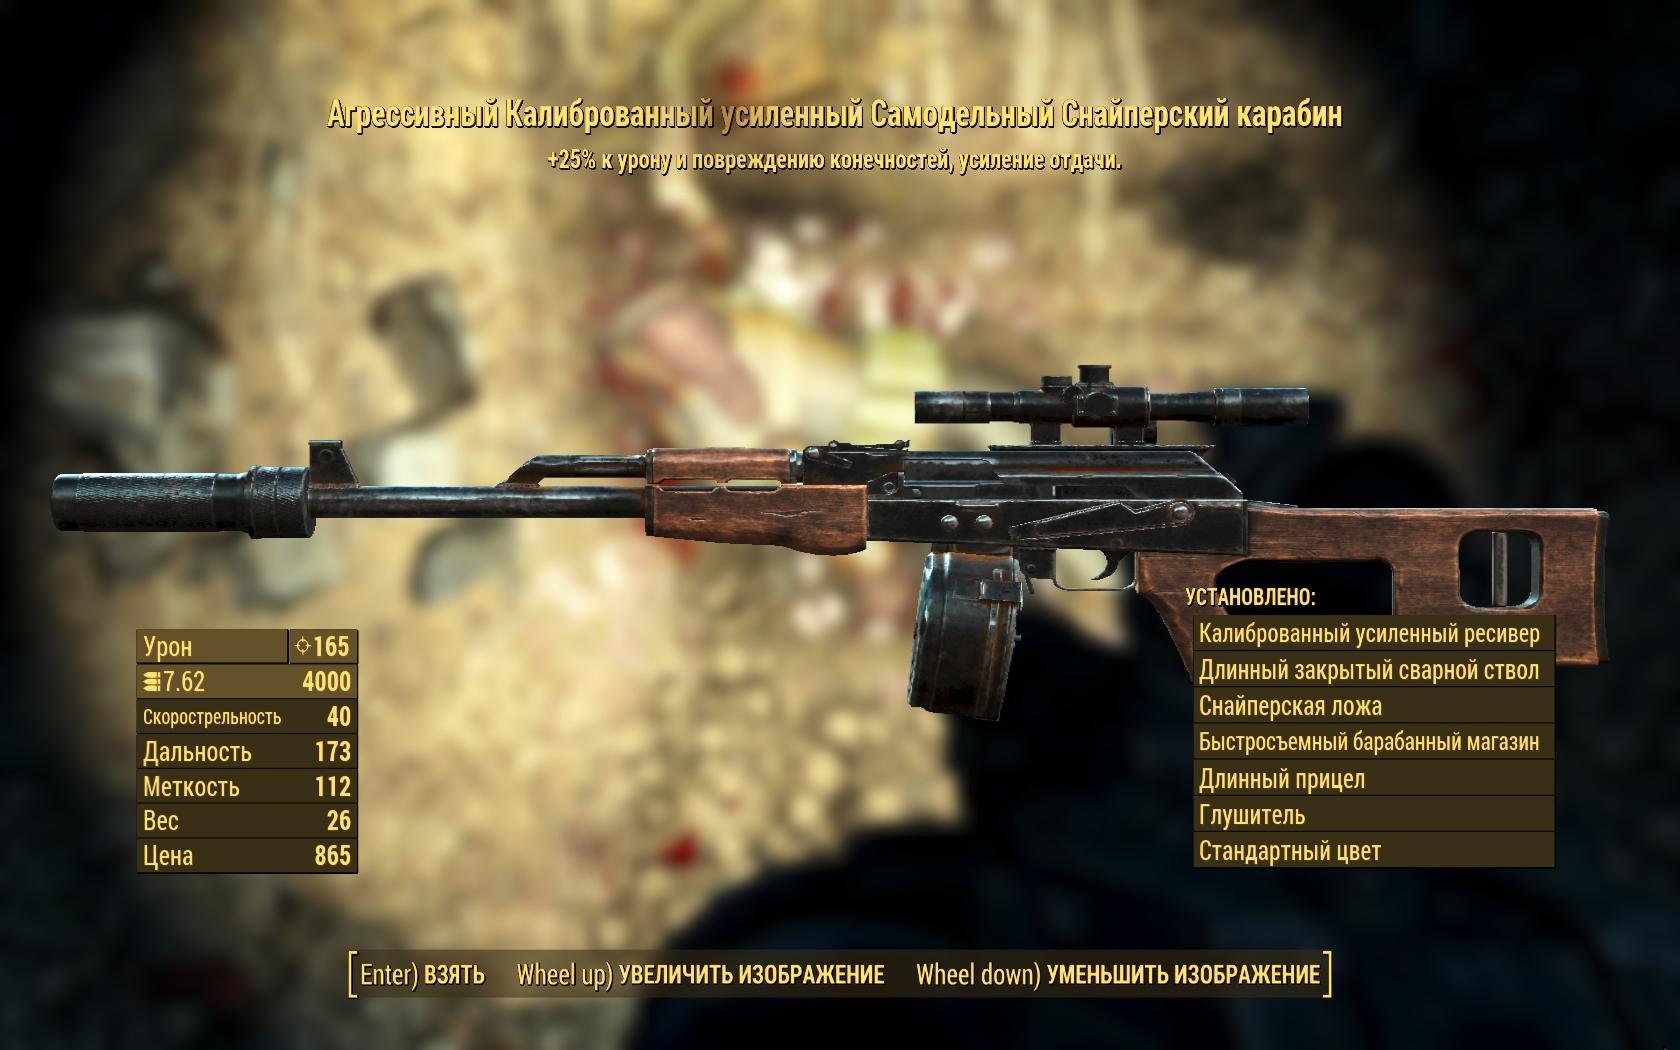 карабин - Fallout 4 Агрессивный, калиброванный, Оружие, самодельный, снайперский, усиленный